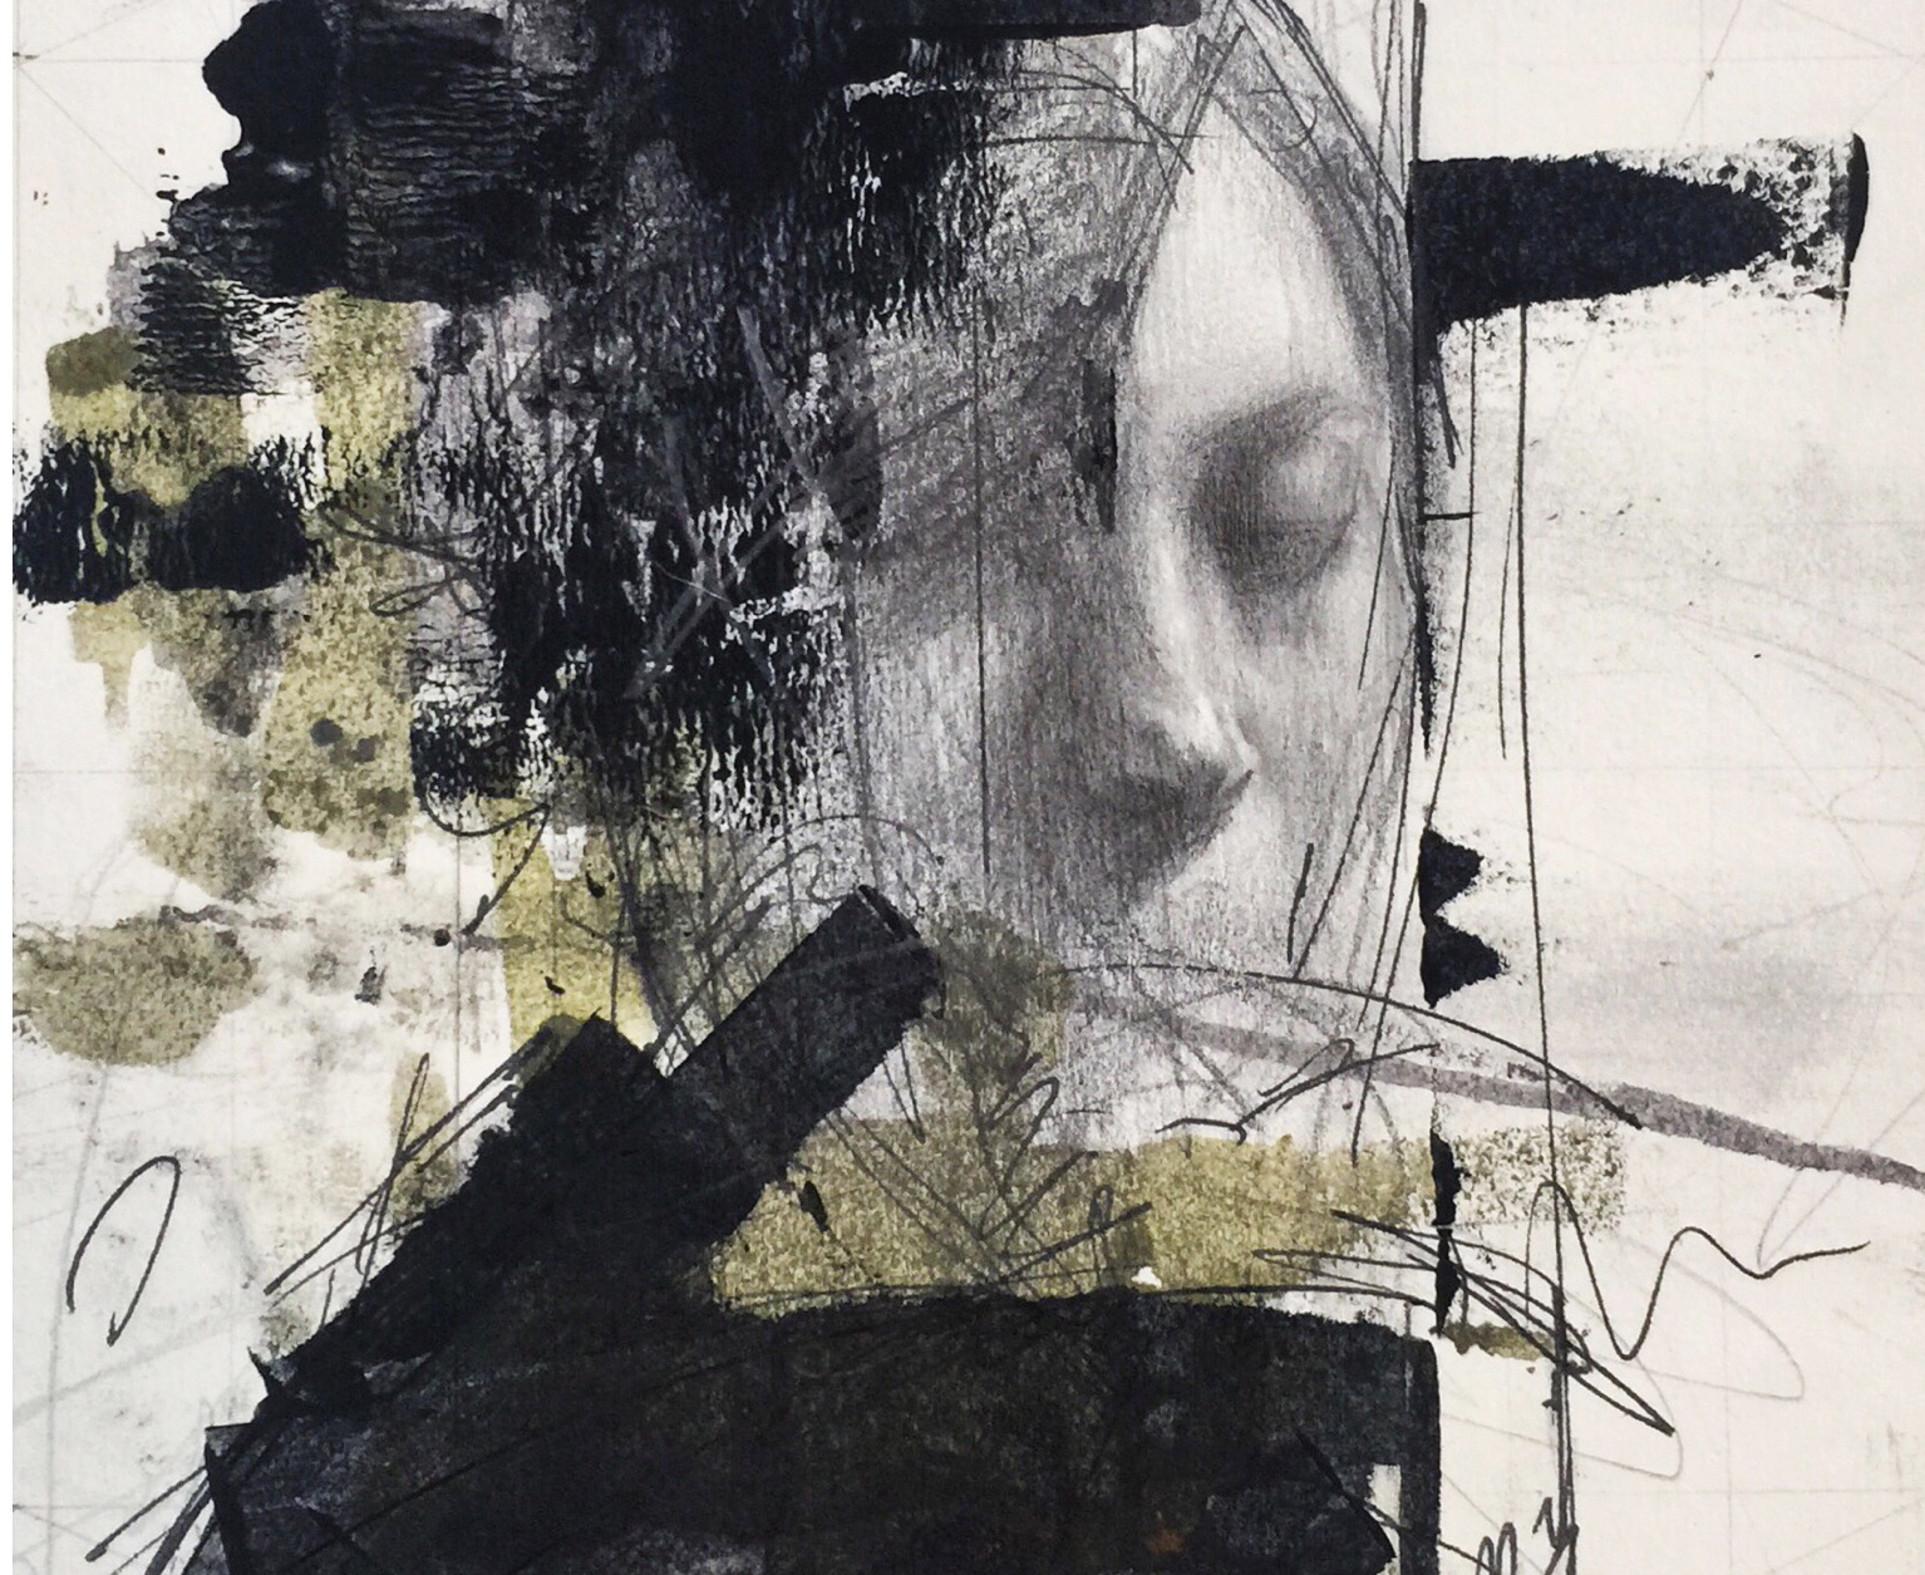 John Wentz, Imprint No. 36, 2015